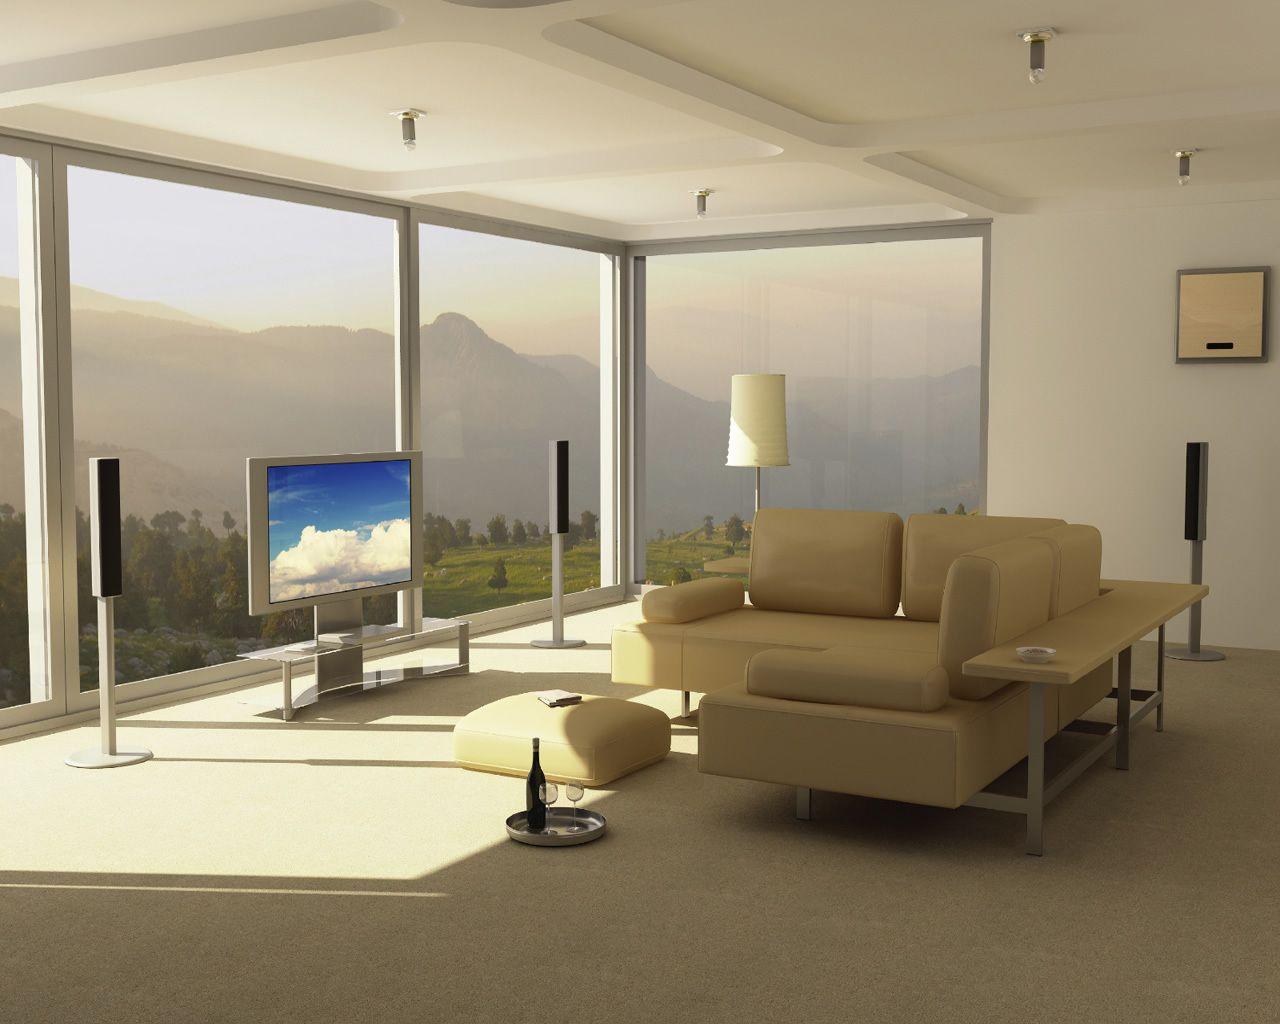 Heimkino schlafzimmer design-ideen pin von dominik schleier auf interior design  pinterest  home